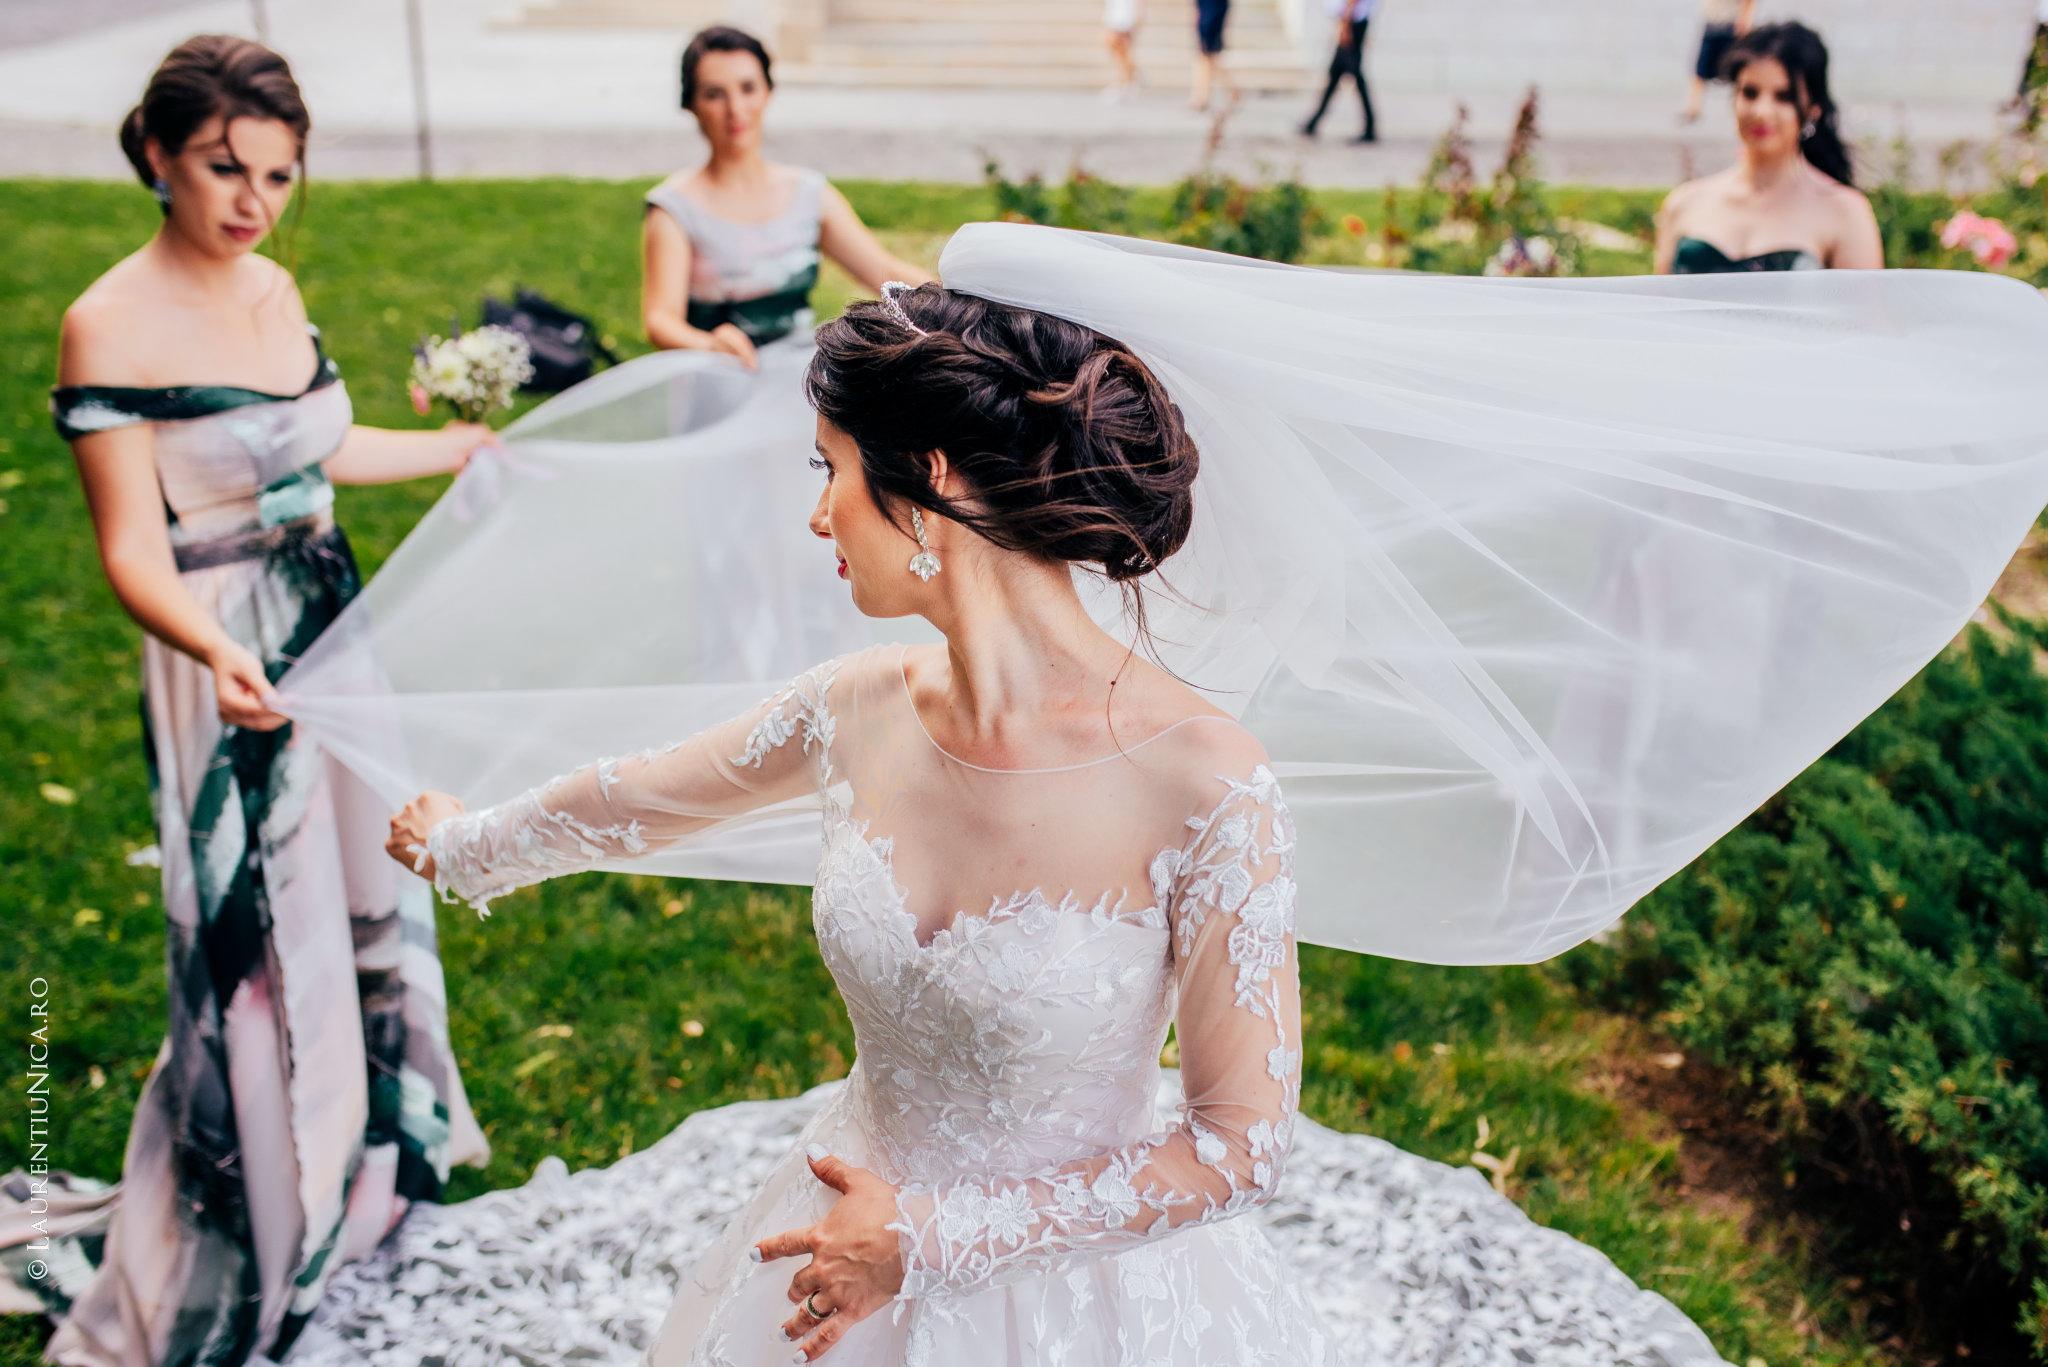 fotografii nunta denisa si florin craiova 53 - Denisa & Florin | Fotografii nunta | Craiova